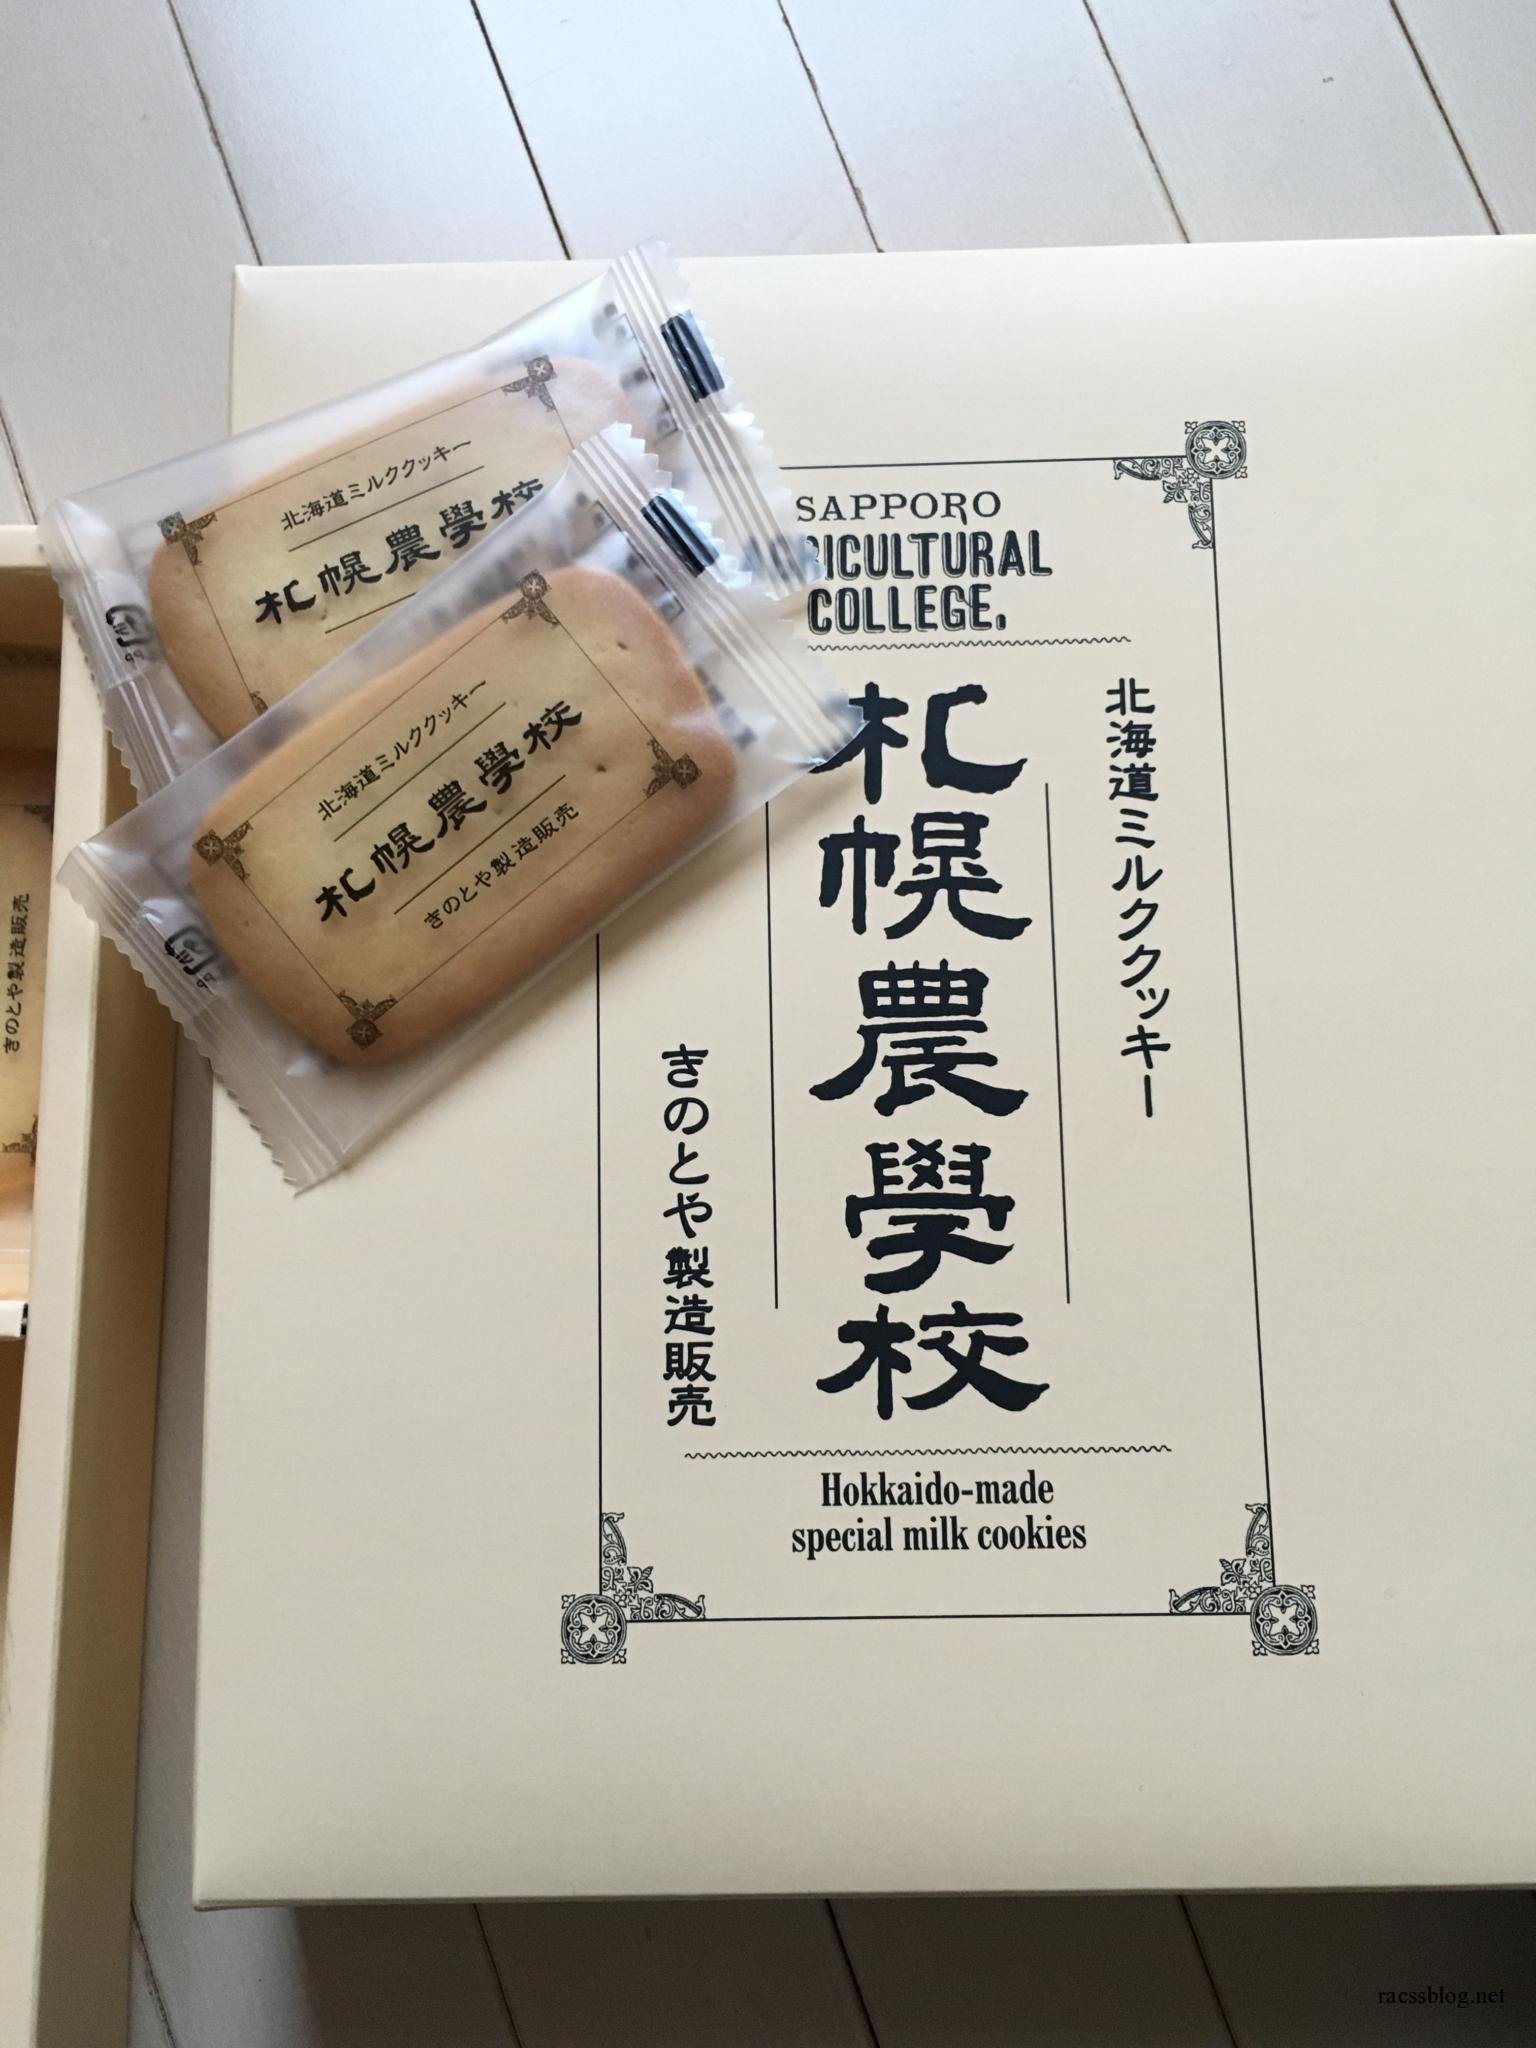 北海道土産に「札幌農学校」クッキーがコスパよし!割れには注意して(きのとや)